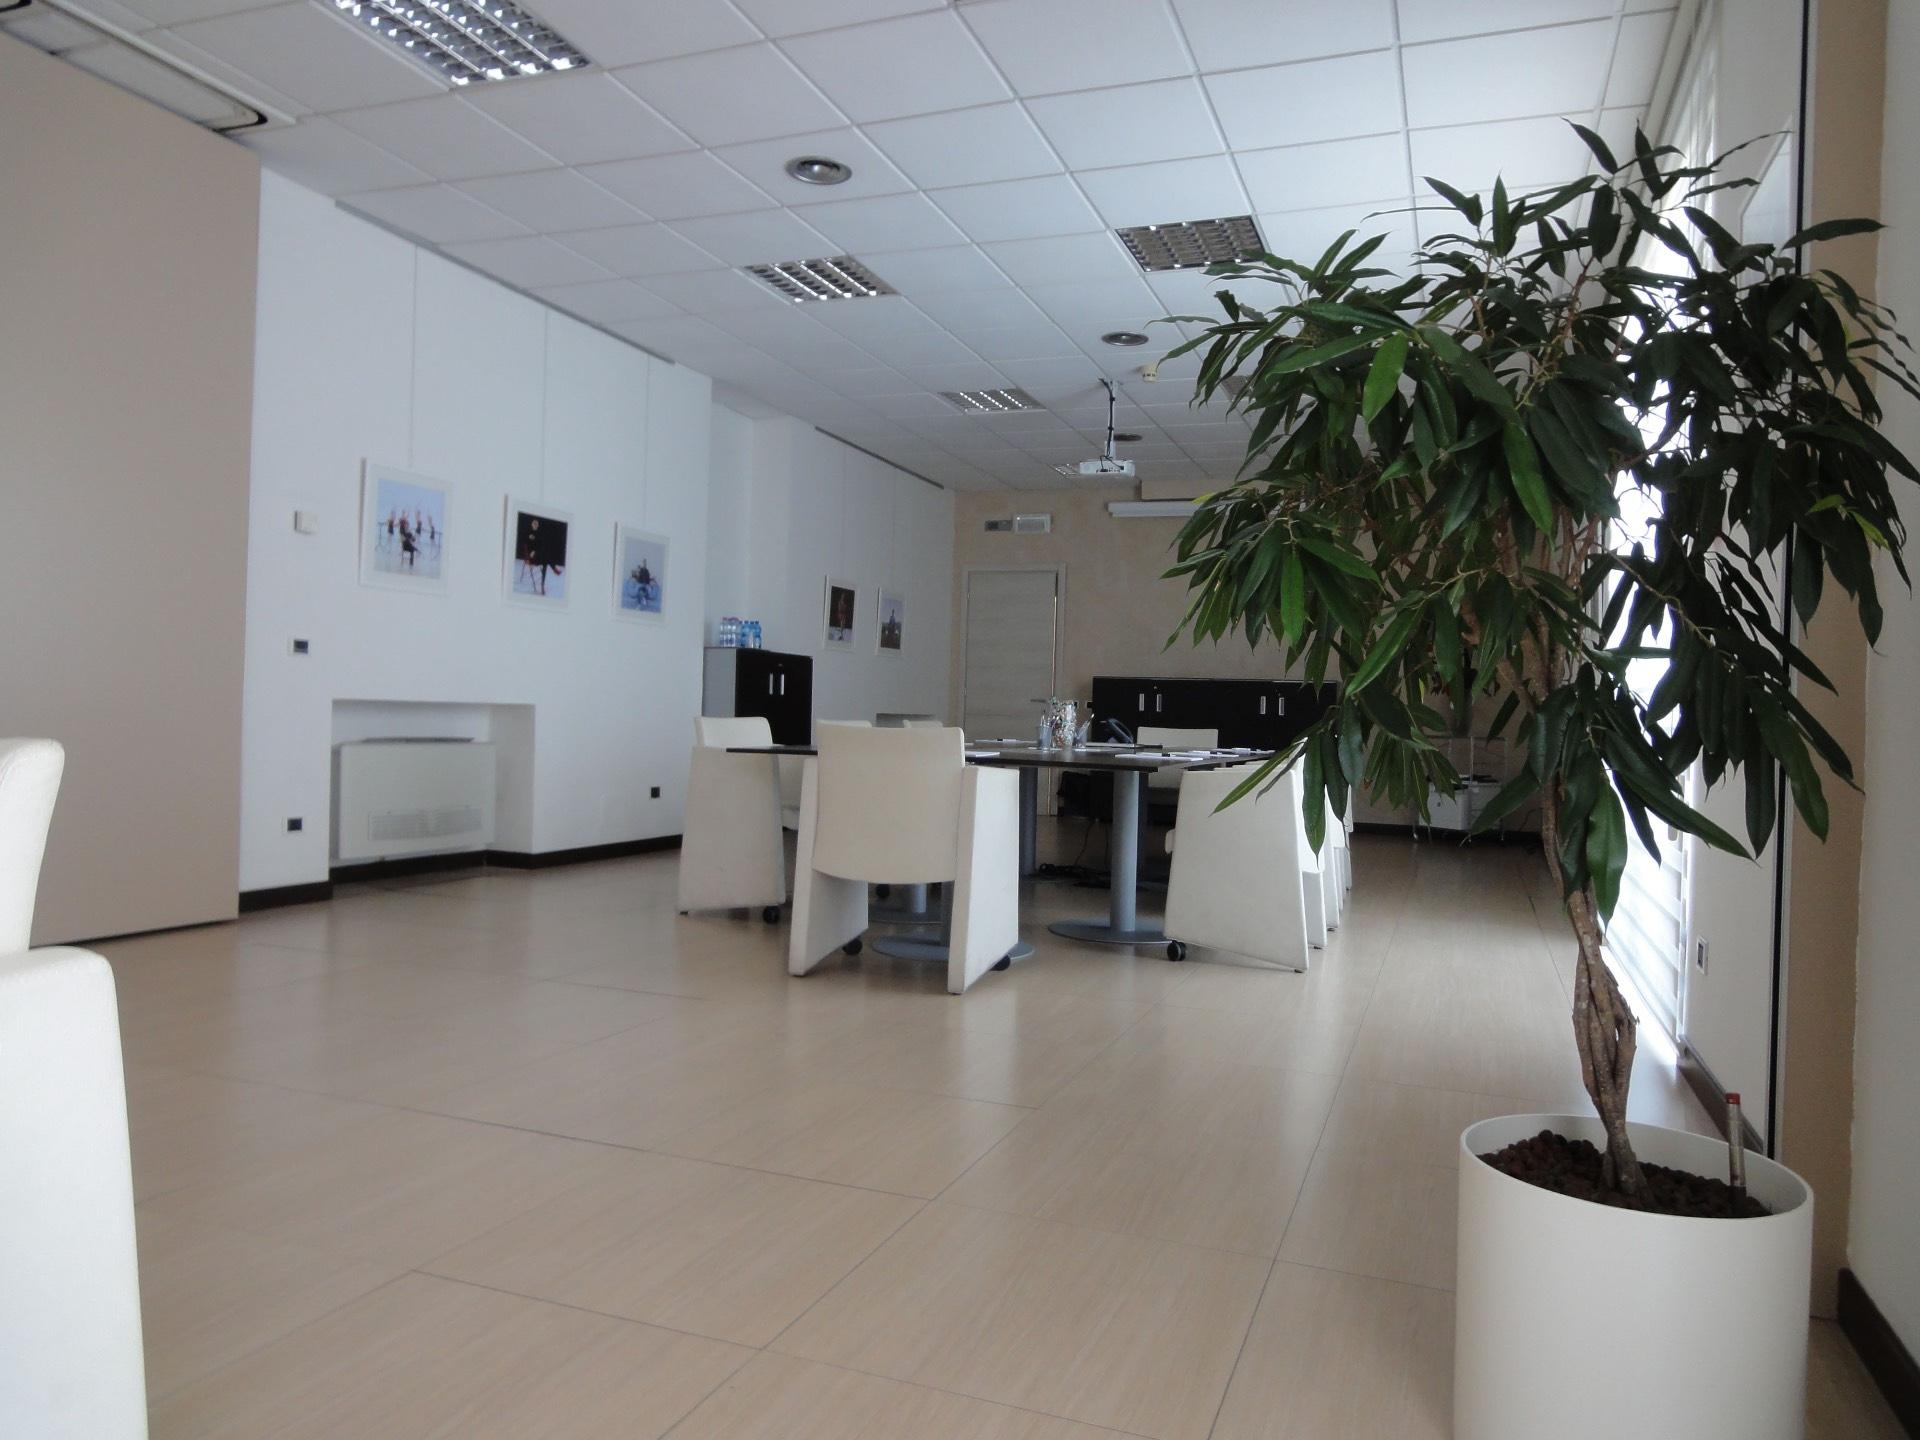 Ufficio / Studio in affitto a Pontedera, 9999 locali, zona Località: Oltrera, prezzo € 350 | CambioCasa.it